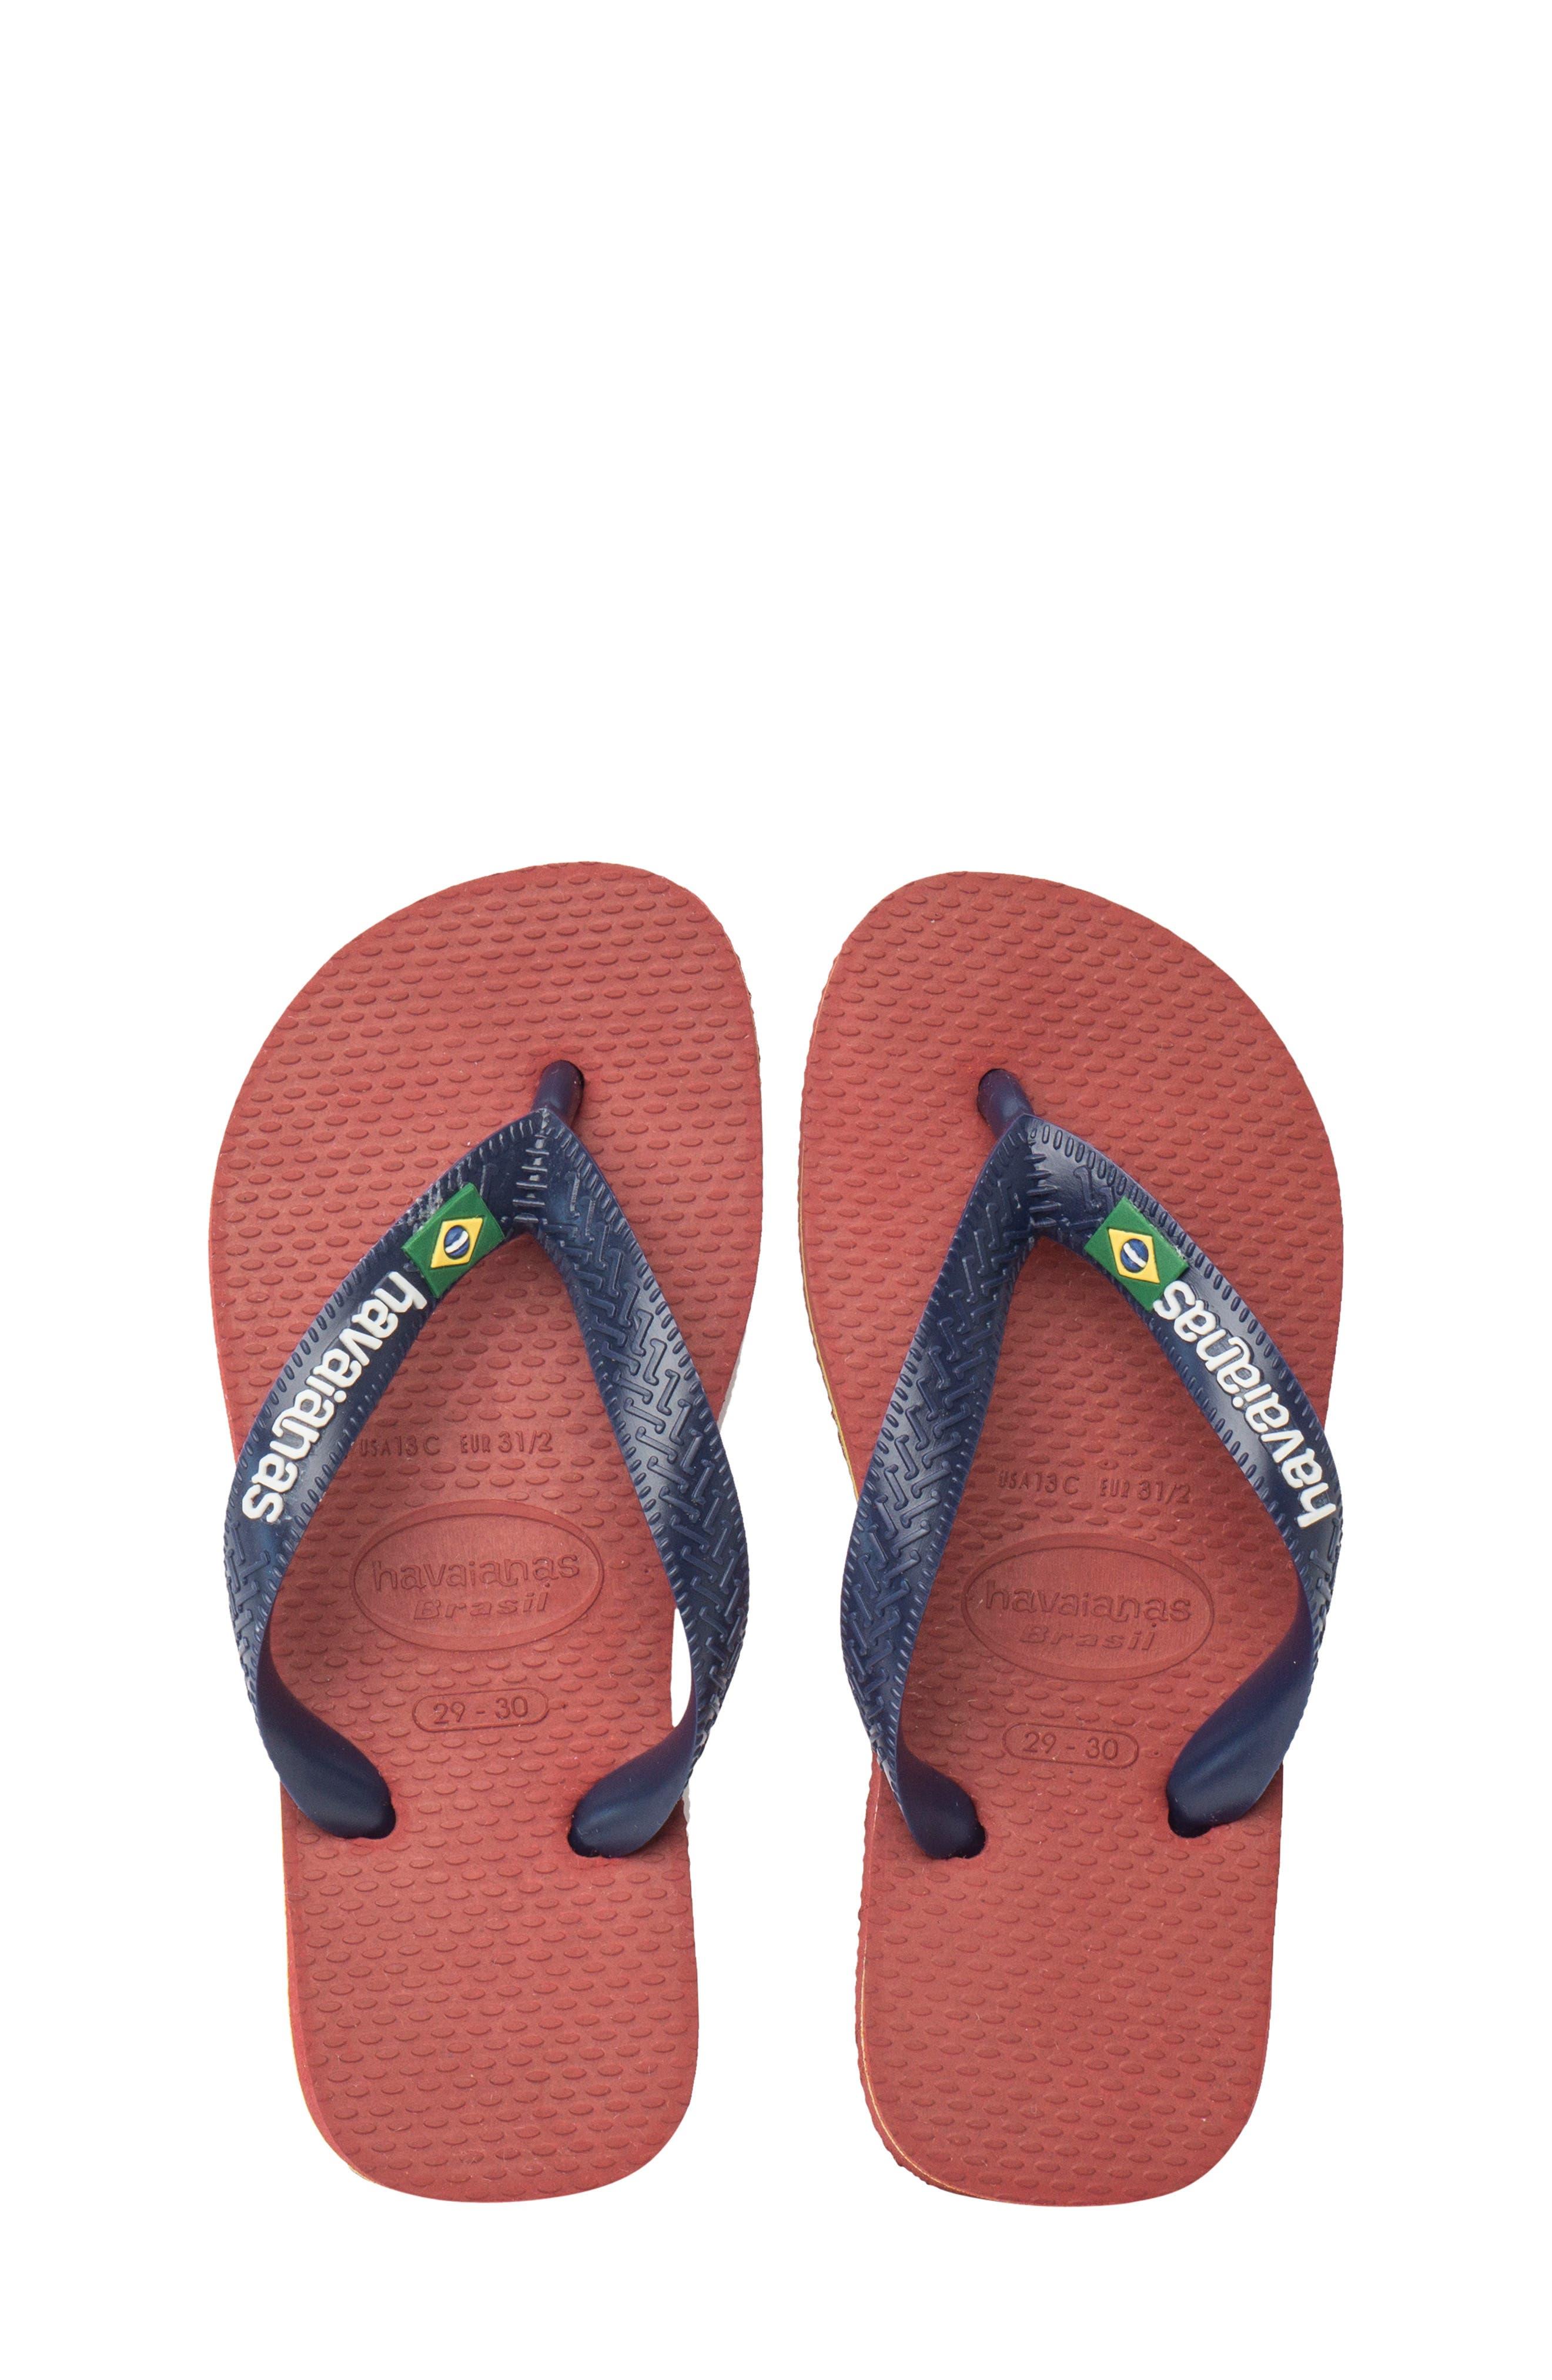 077df3b38dff5 Boys  Flip-Flop Shoes